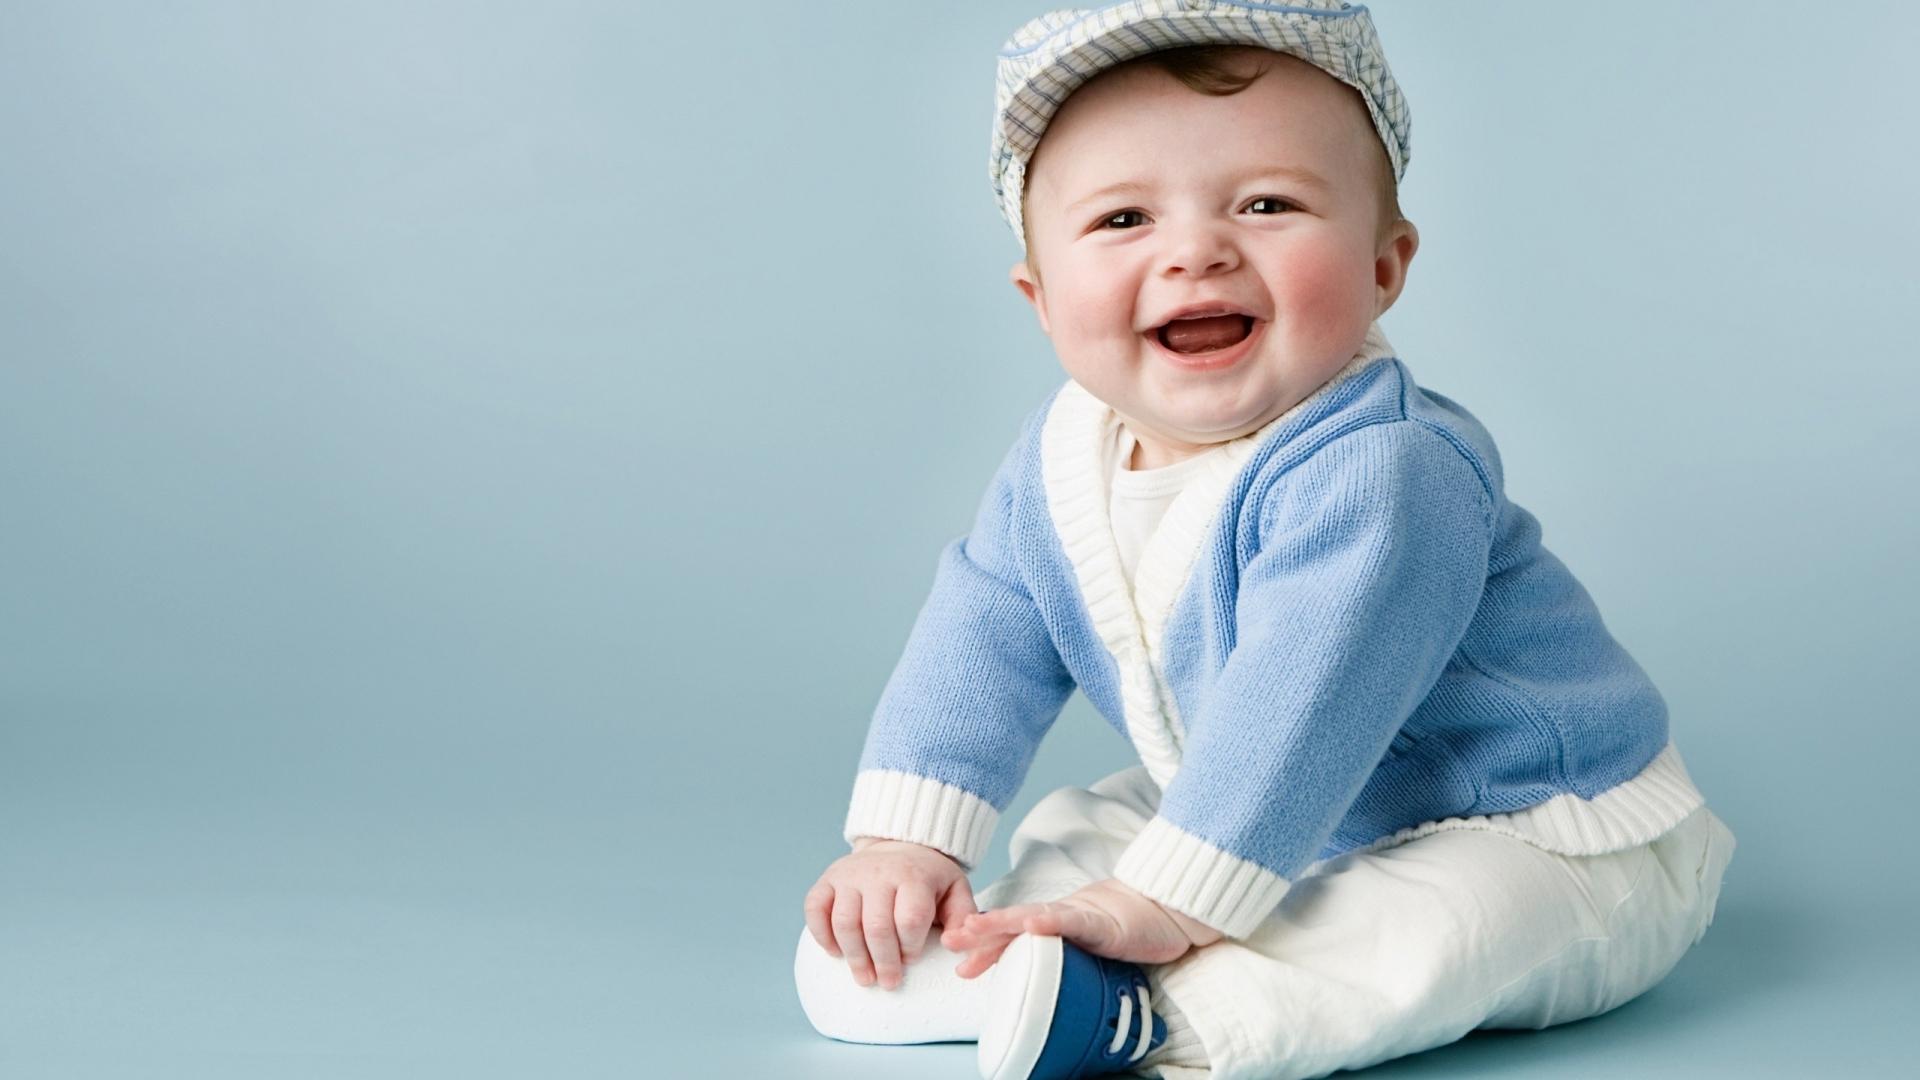 Ropa de bebe - 1920x1080